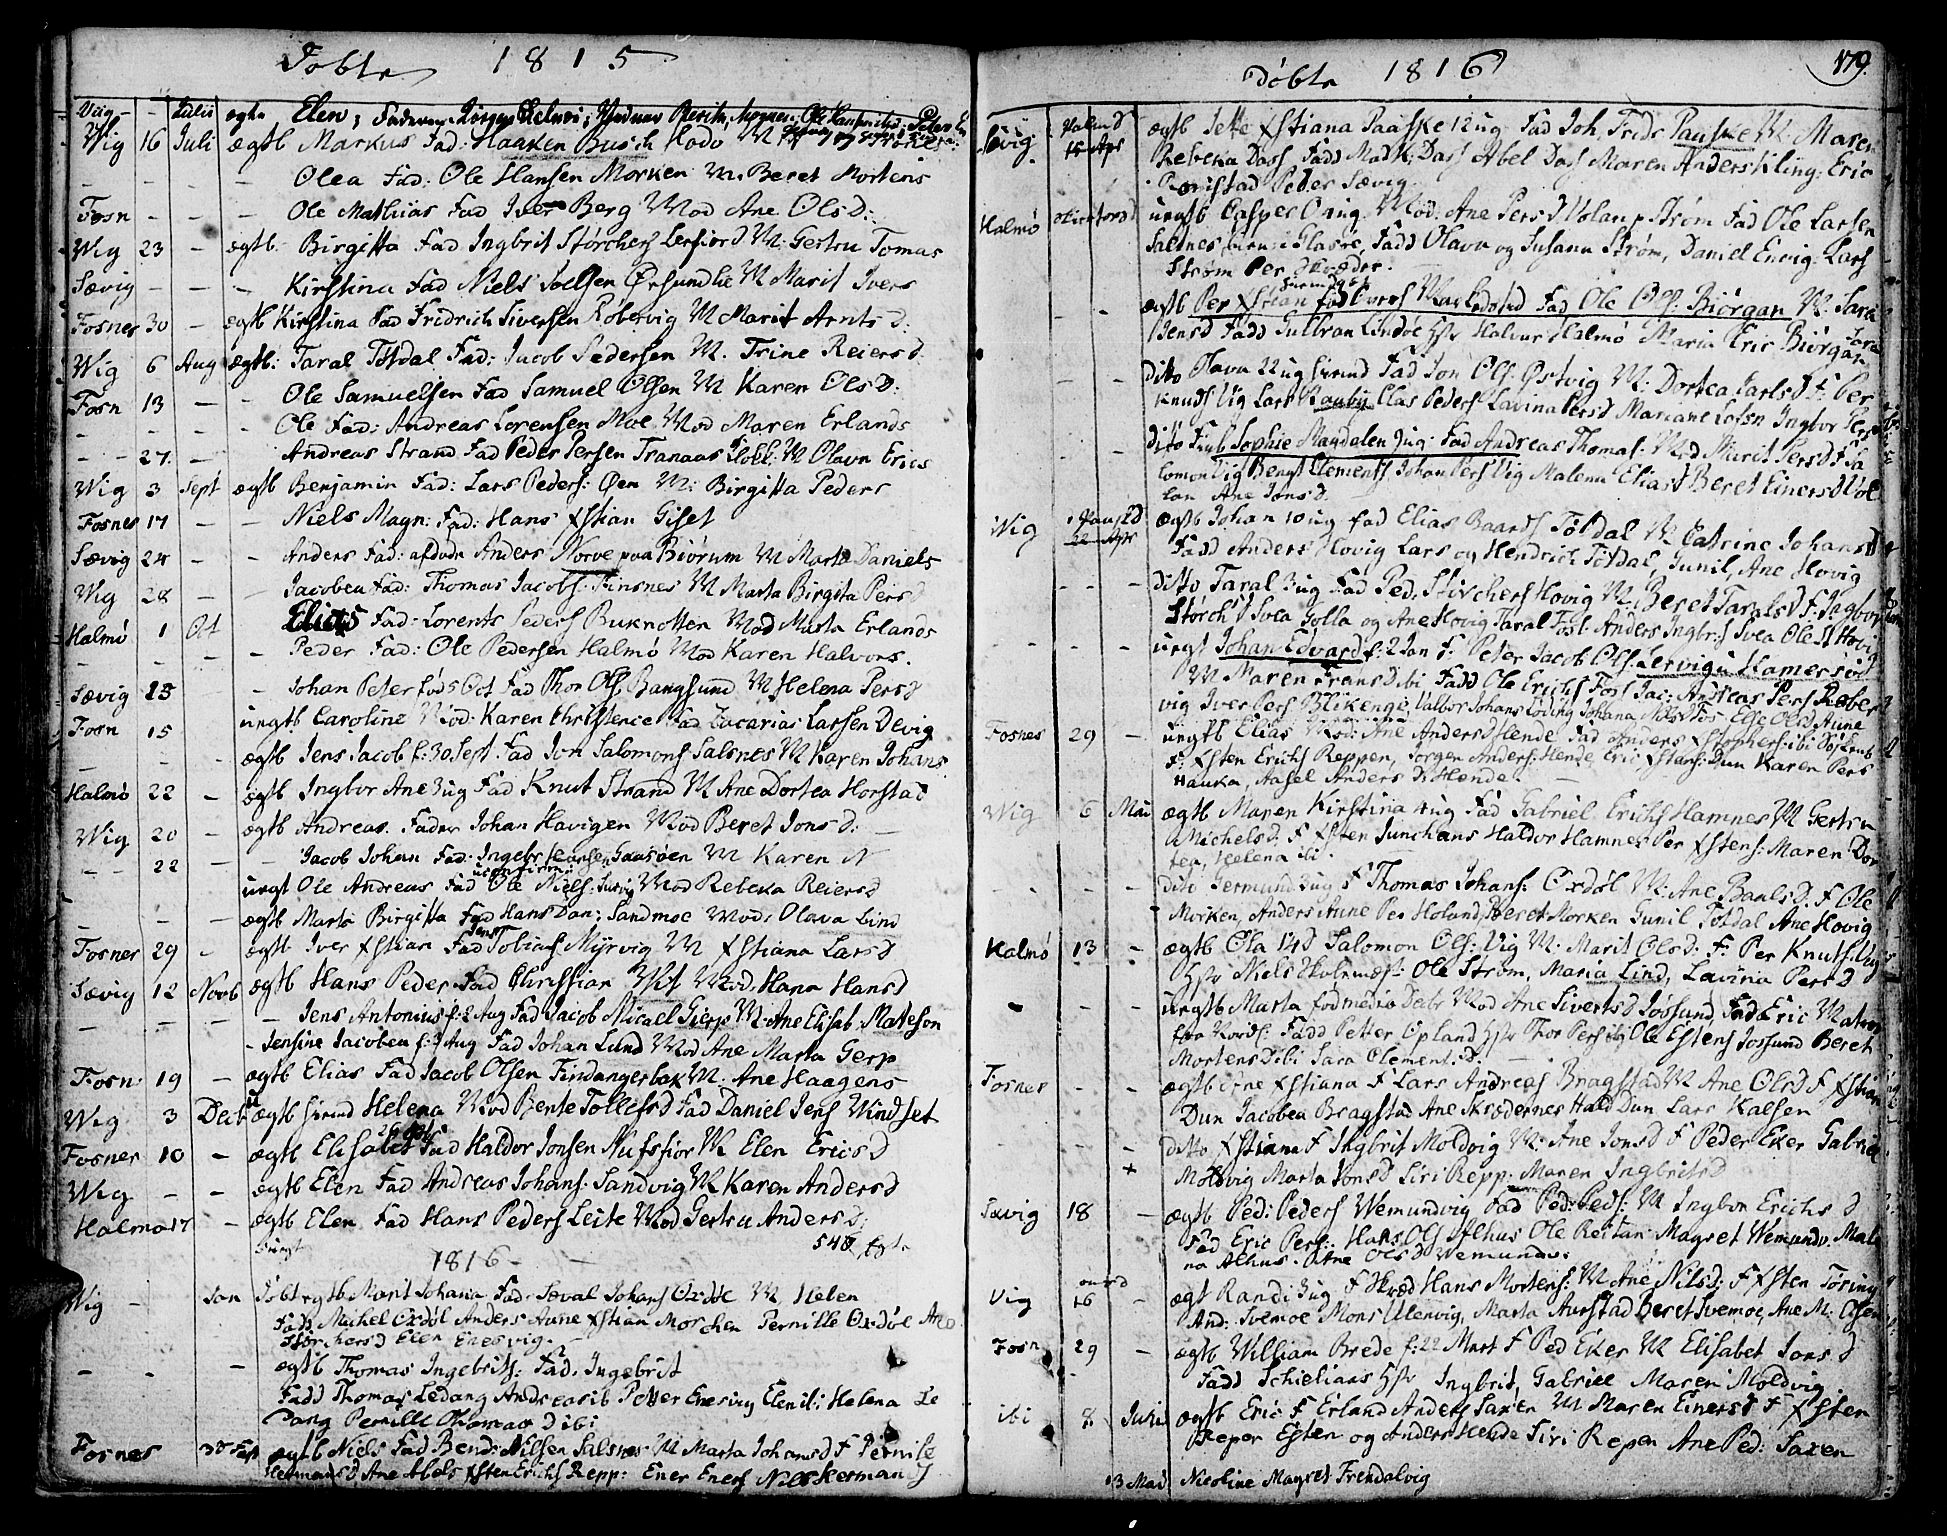 SAT, Ministerialprotokoller, klokkerbøker og fødselsregistre - Nord-Trøndelag, 773/L0608: Ministerialbok nr. 773A02, 1784-1816, s. 179